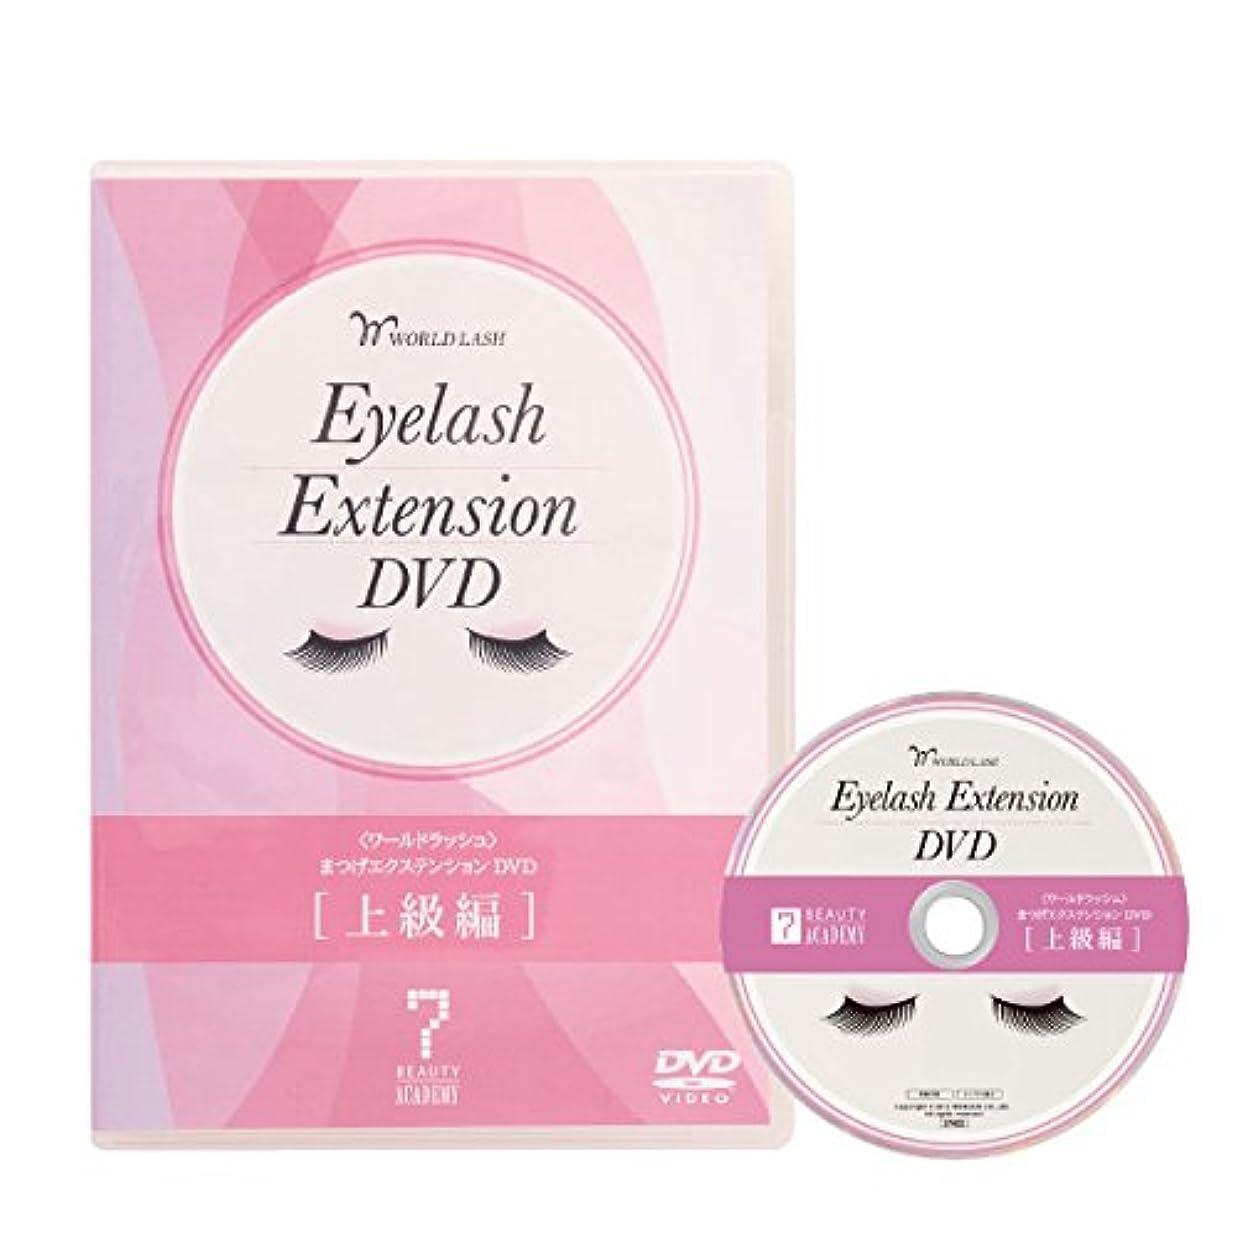 デッドロック異議平和< WORLD LASH > まつげエクステンション DVD (上級編) [ 教材 テキスト DVD まつげエクステ まつ毛エクステ まつエク マツエク サロン用 ]